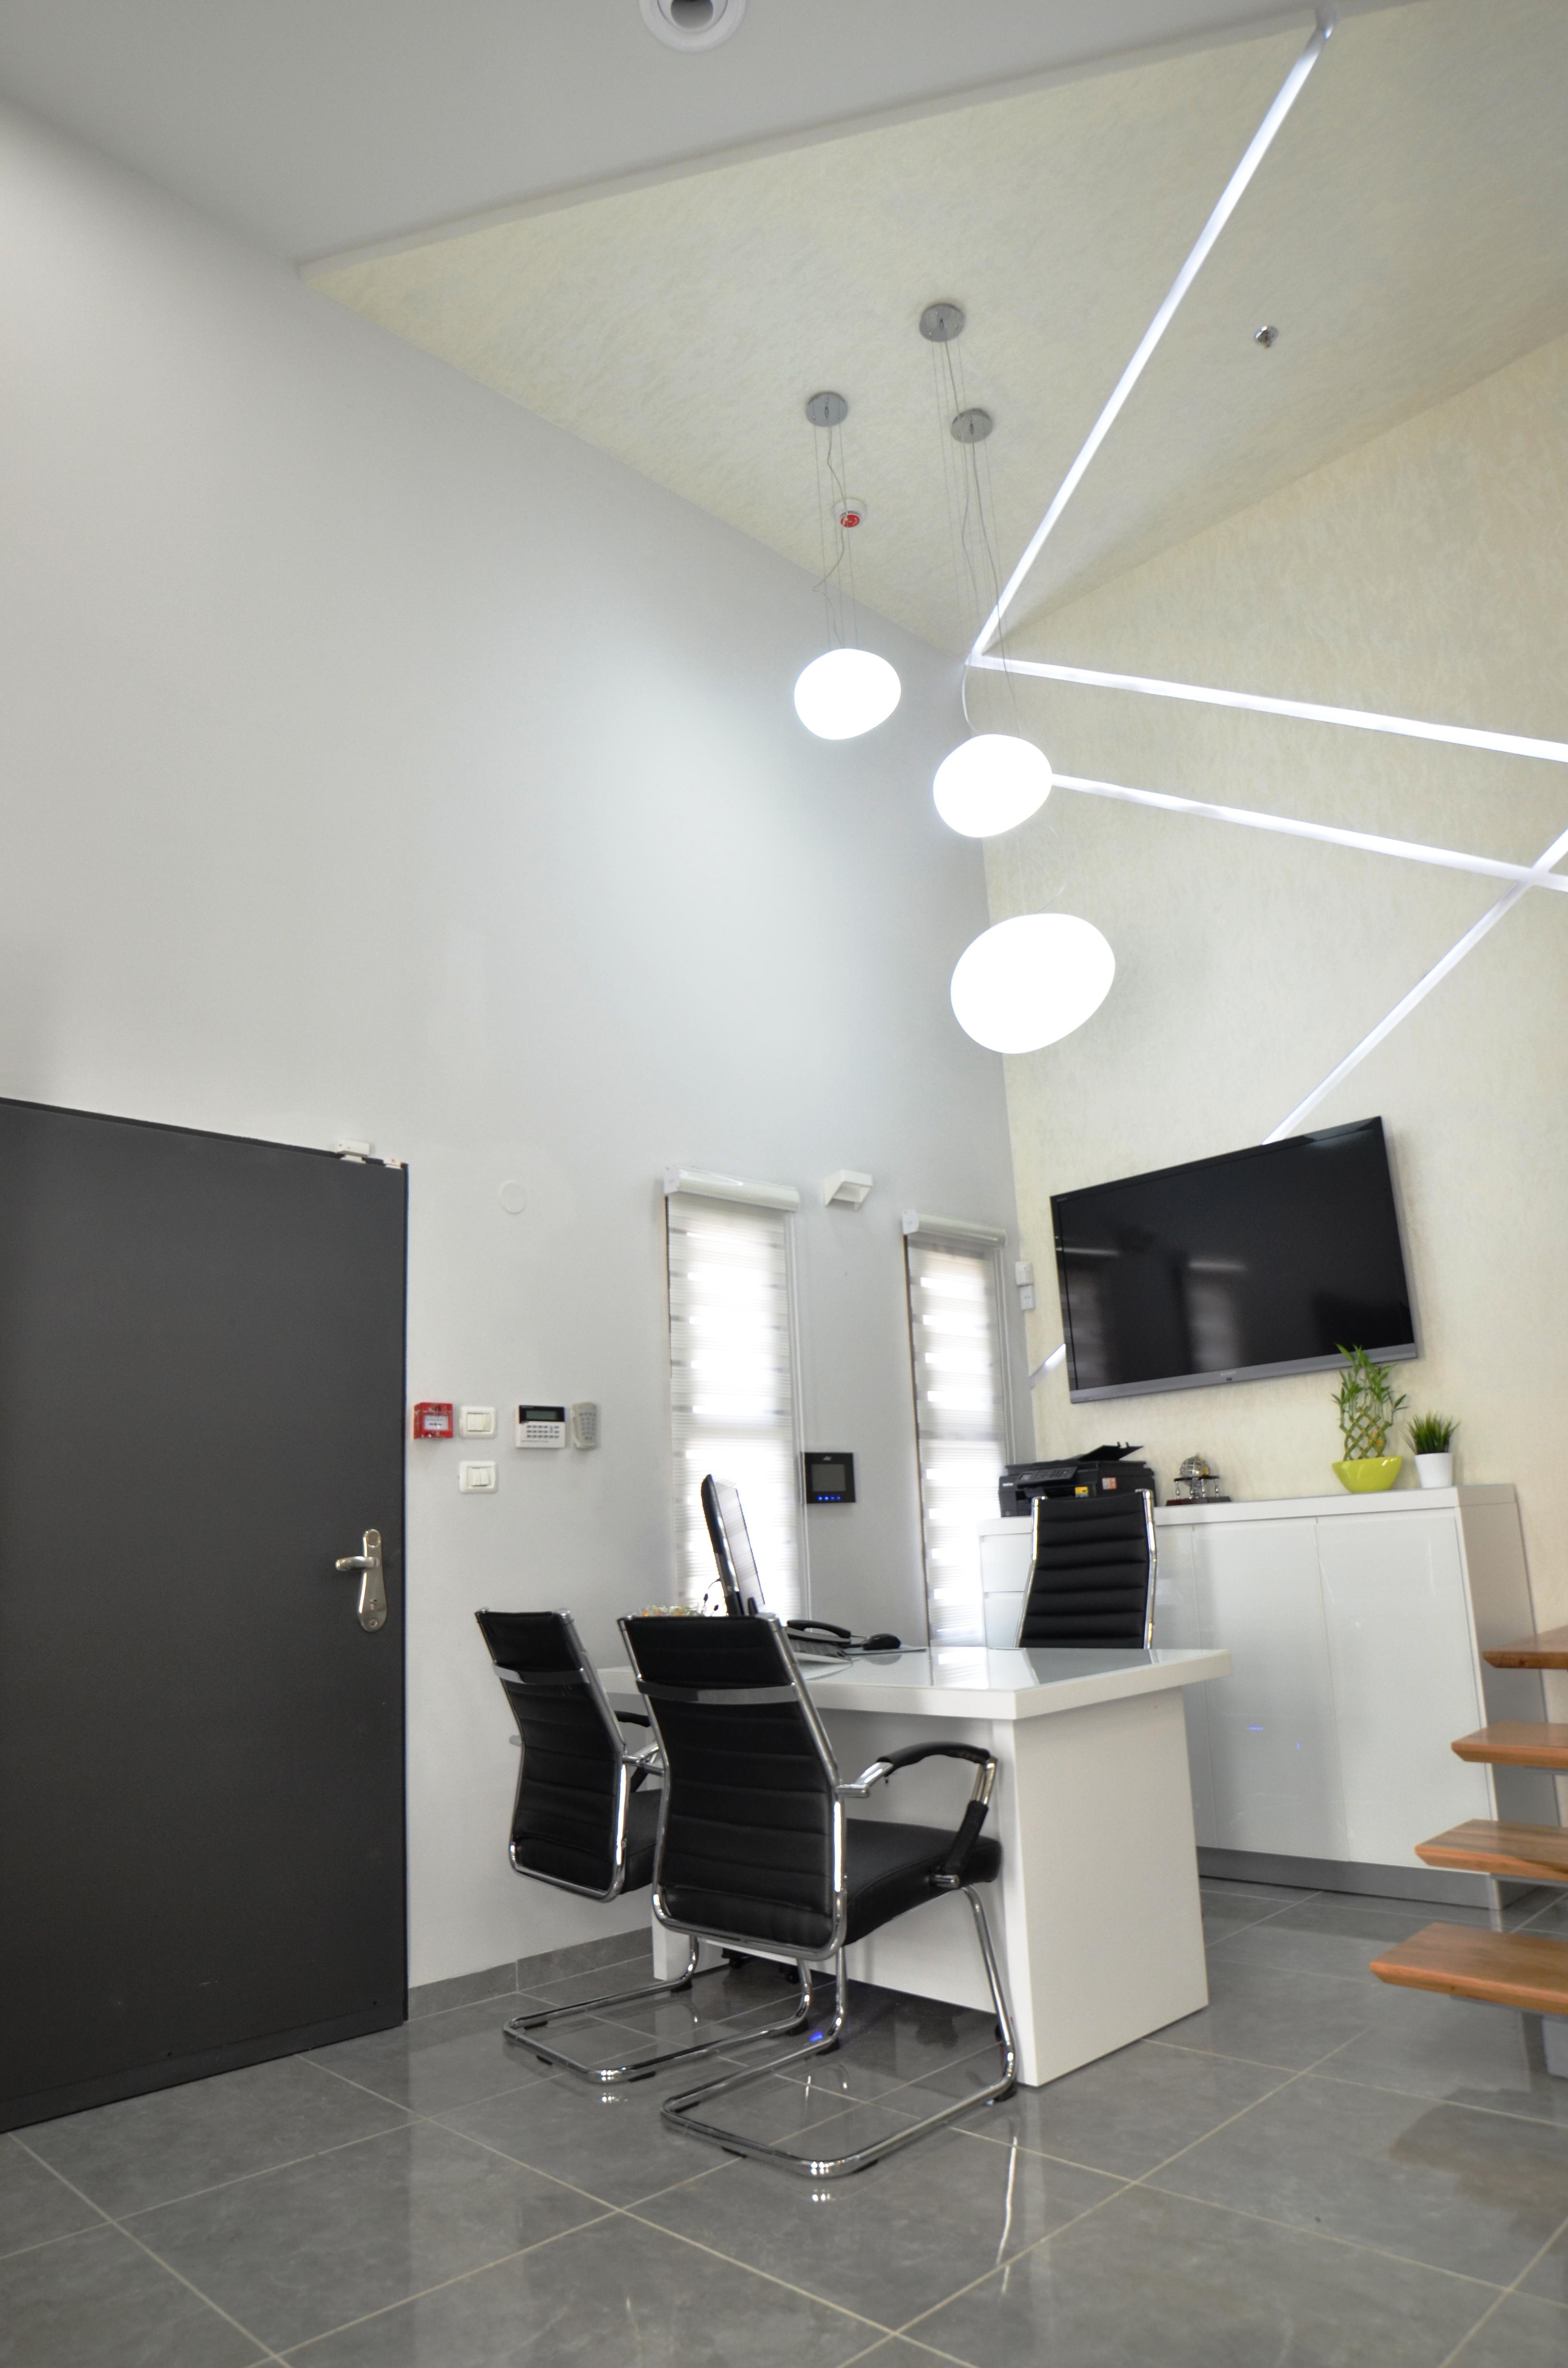 משרד יזמות בנייה iv design